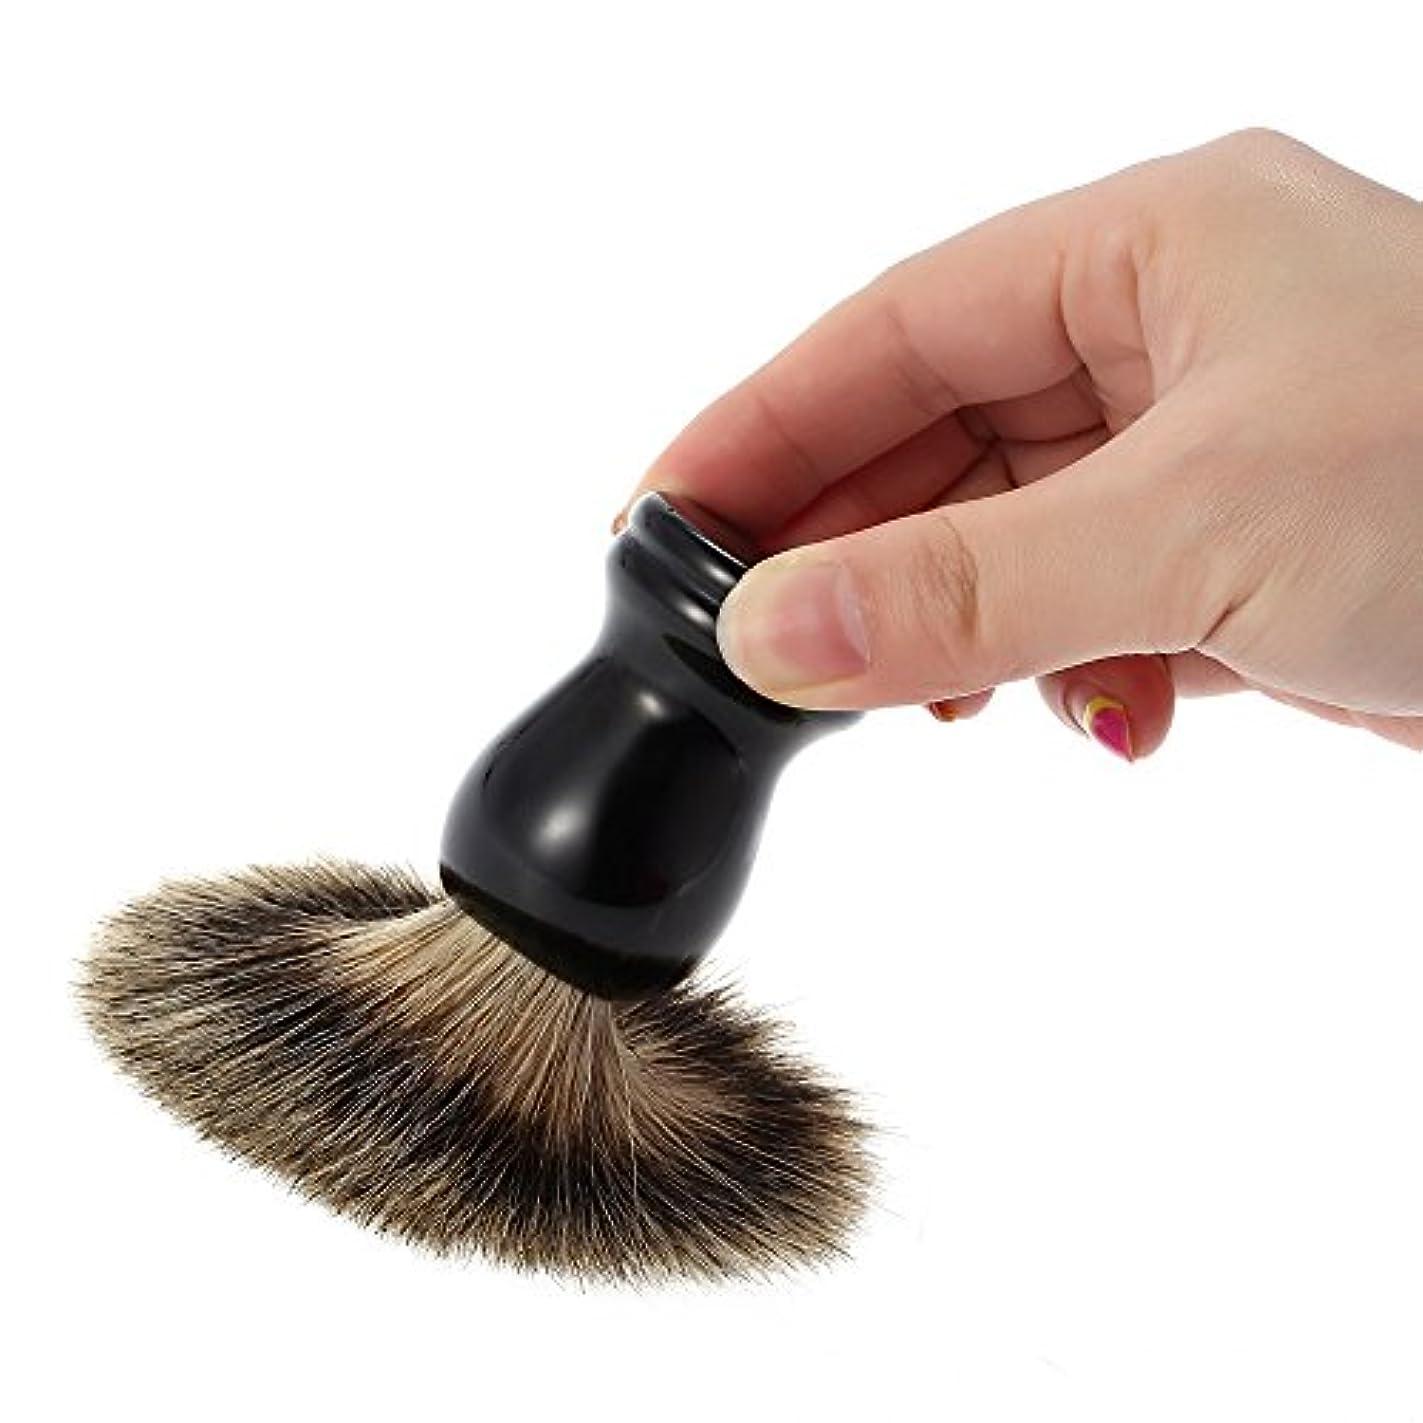 孤独な賢明な葬儀シェービング用ブラシ  メンズ 100% アナグマ毛   理容 洗顔 髭剃り 泡立ち